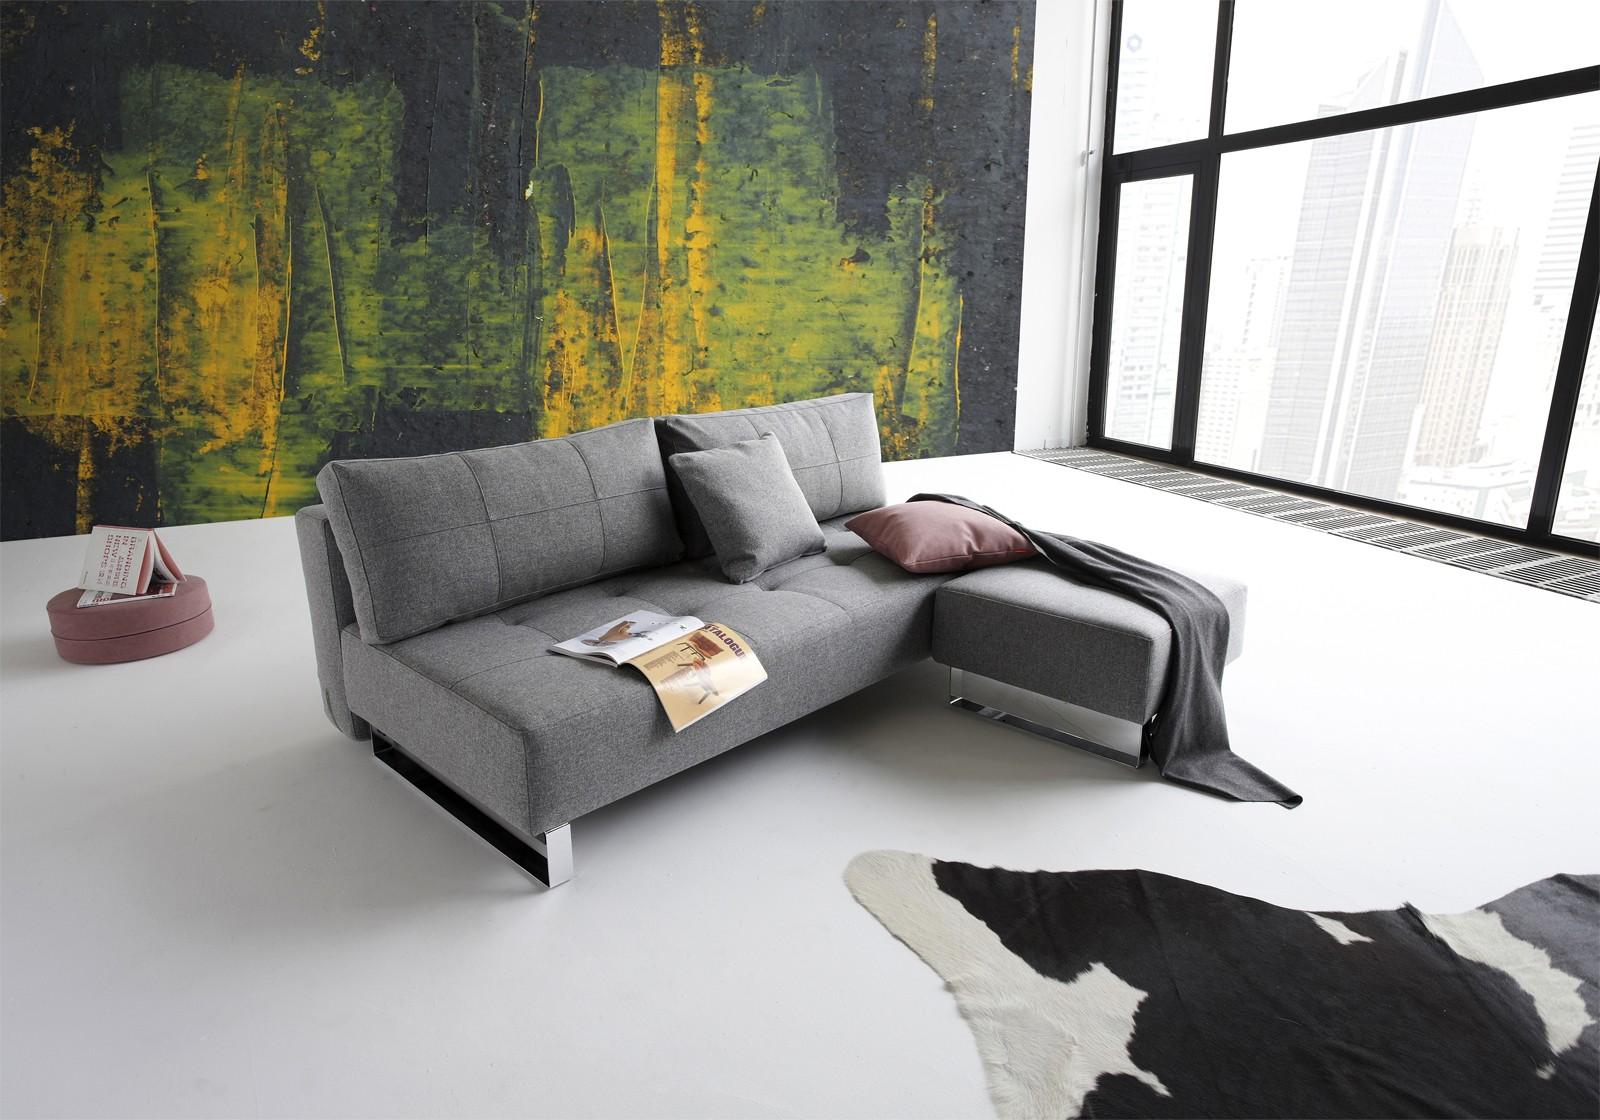 #9E832D Meget bedømt Sovesofa Med Chaiselong 7 Flotte Favoritter Gør Det Selv Lounge Sofa 5699 160011205699